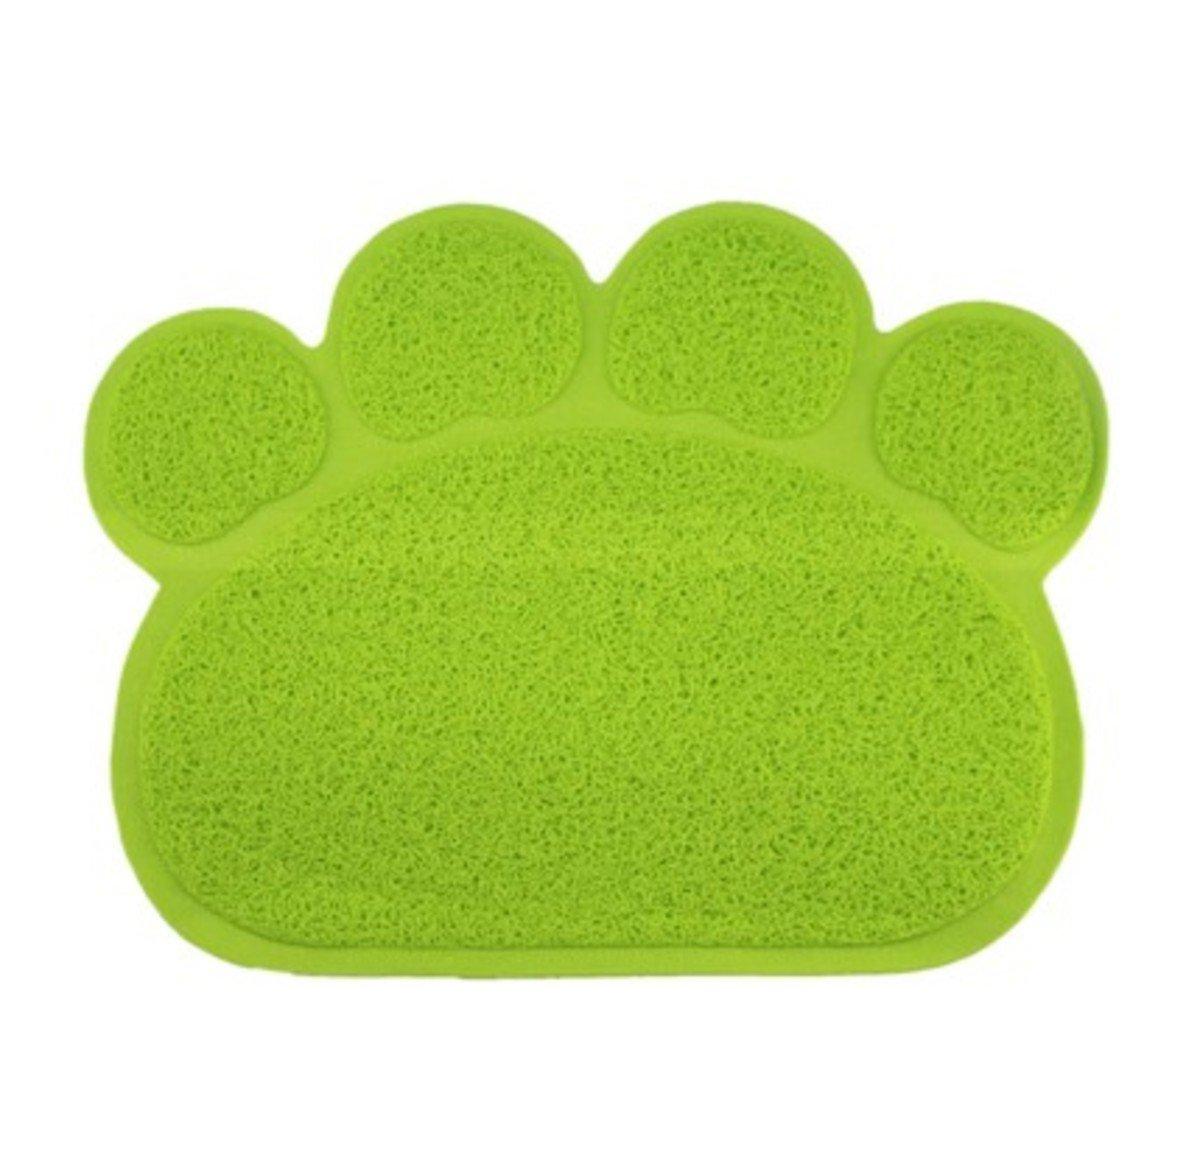 貓掌形廁所隔砂墊 (綠色)